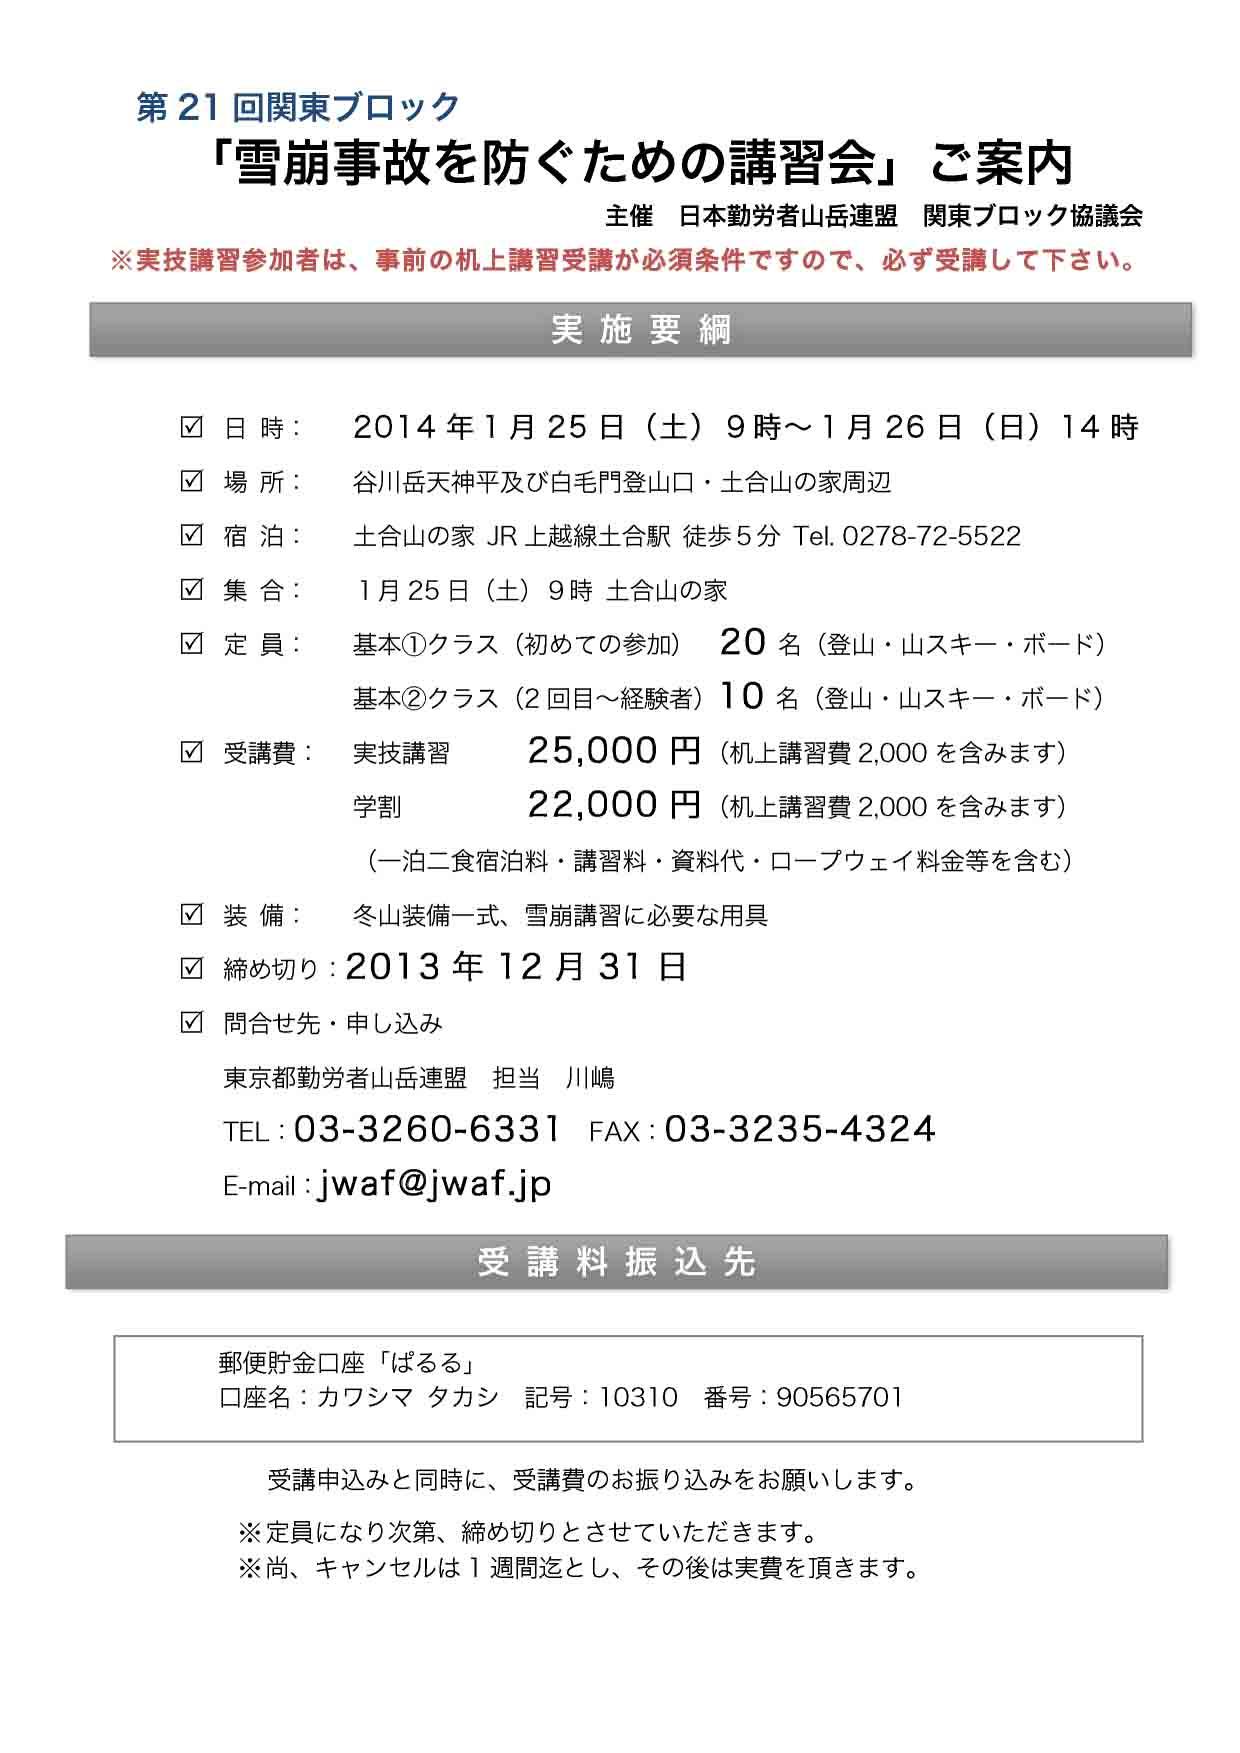 2013~2014年 関東ブロック雪崩講習会 案内